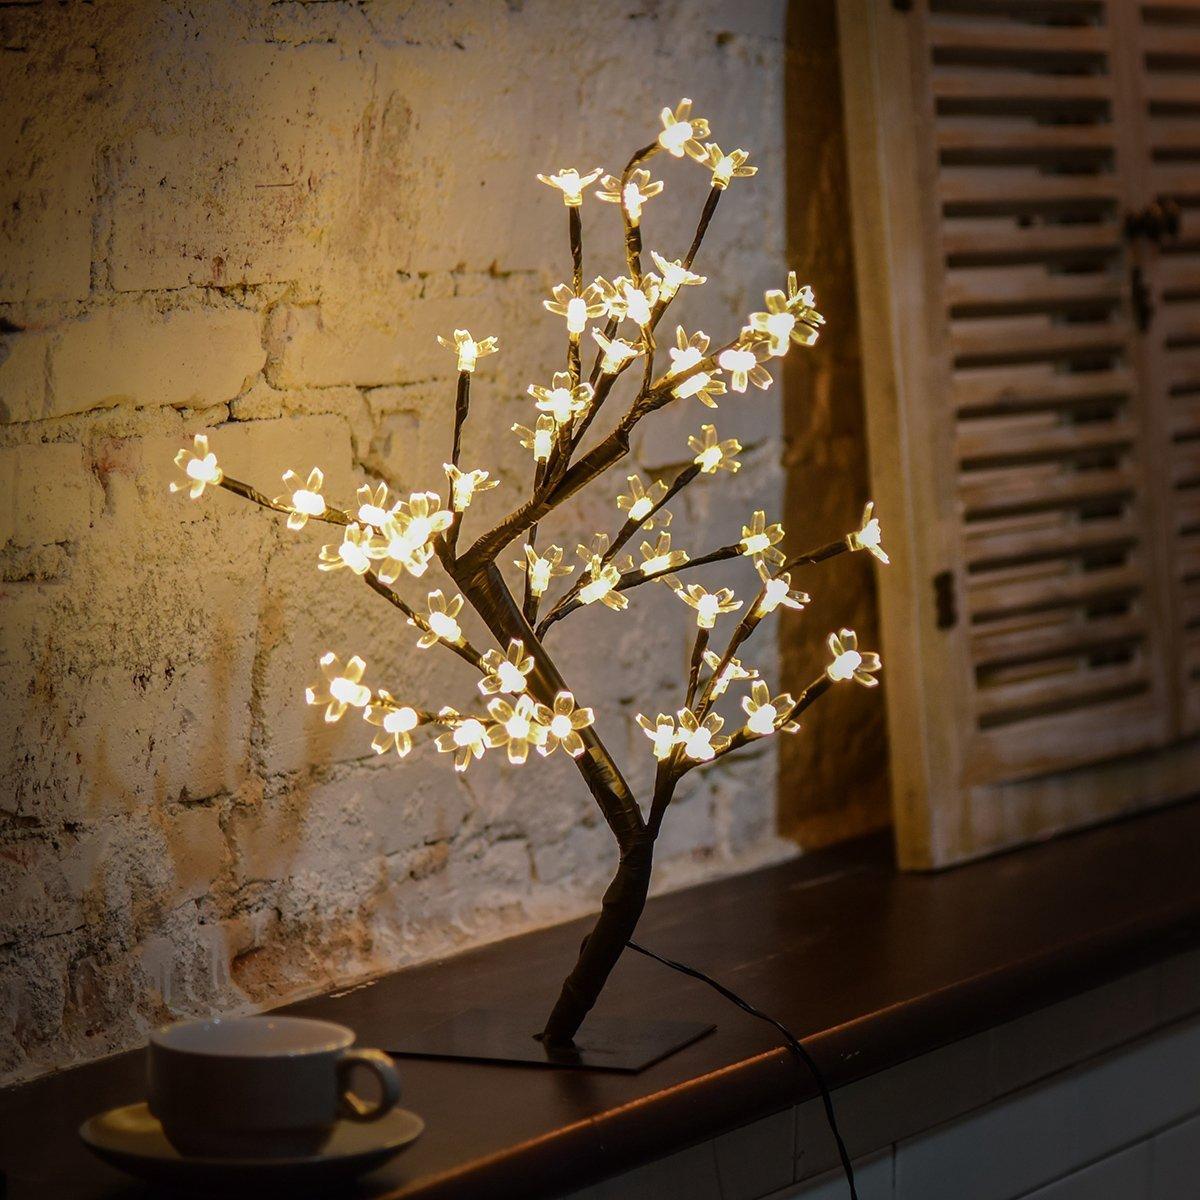 Compre Cálido árbol De Flor De Cerezo De Cerezo De Luces Led Blancas Ramas Negras Perfecto Para Decoración Interior De Hogar 045m 1772inch